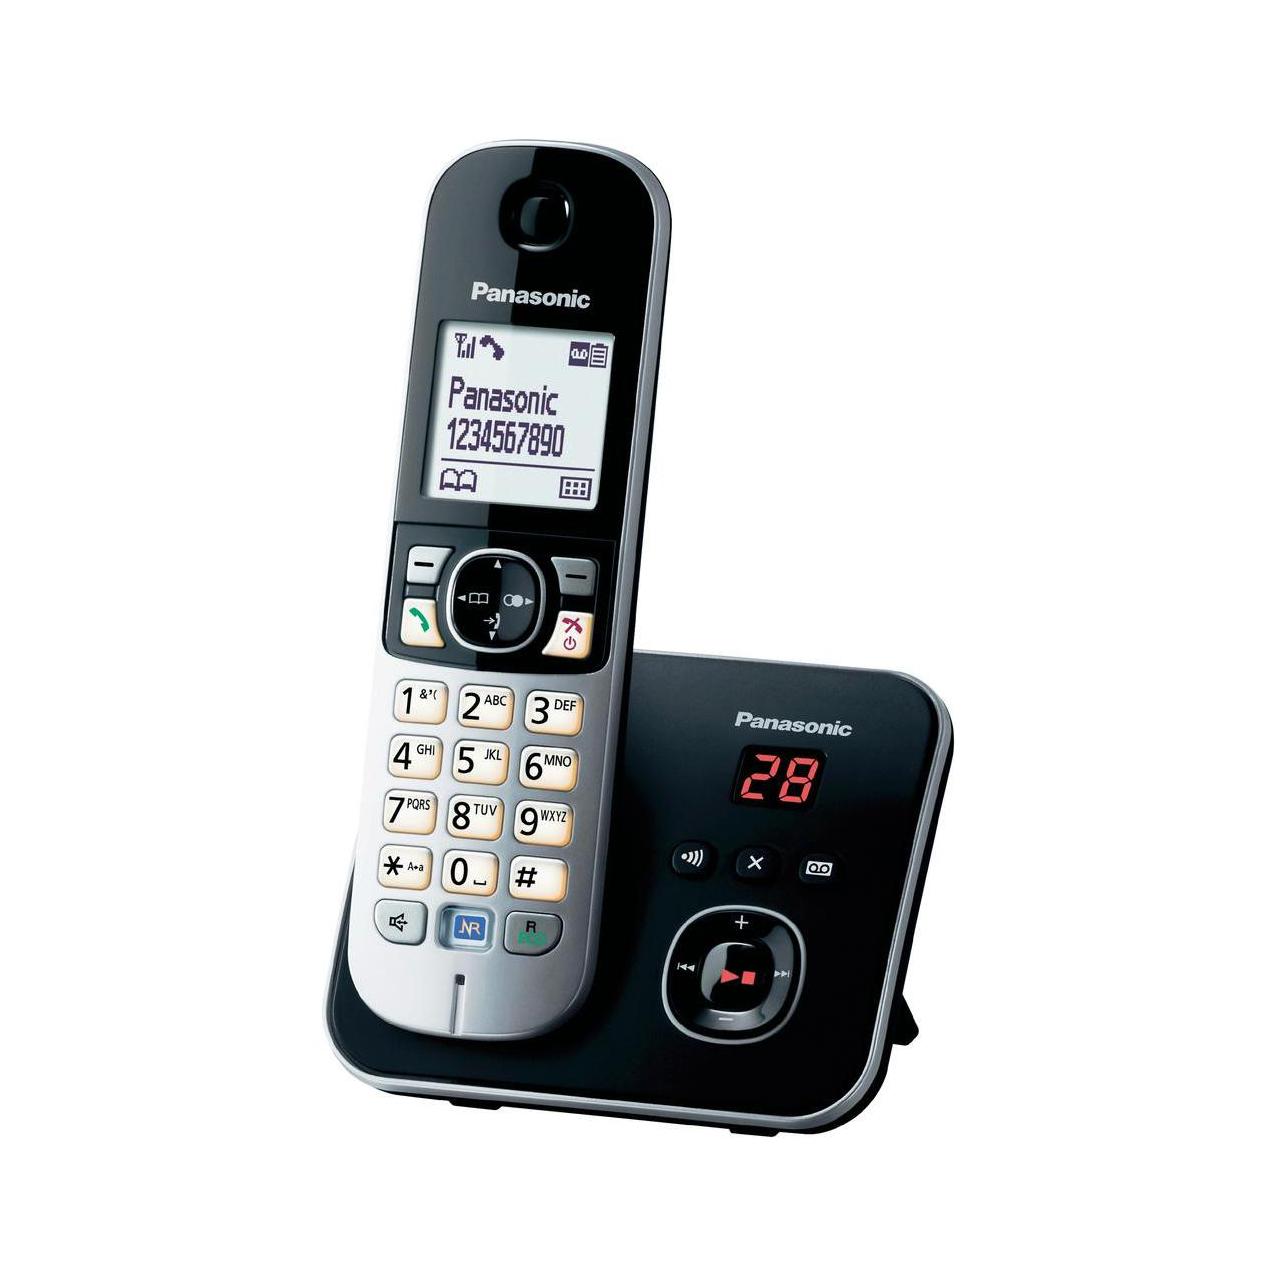 گوشی تلفن بیسیم پاناسونیک مدل Panasonic-KX-TG6821 ساخت مالزی